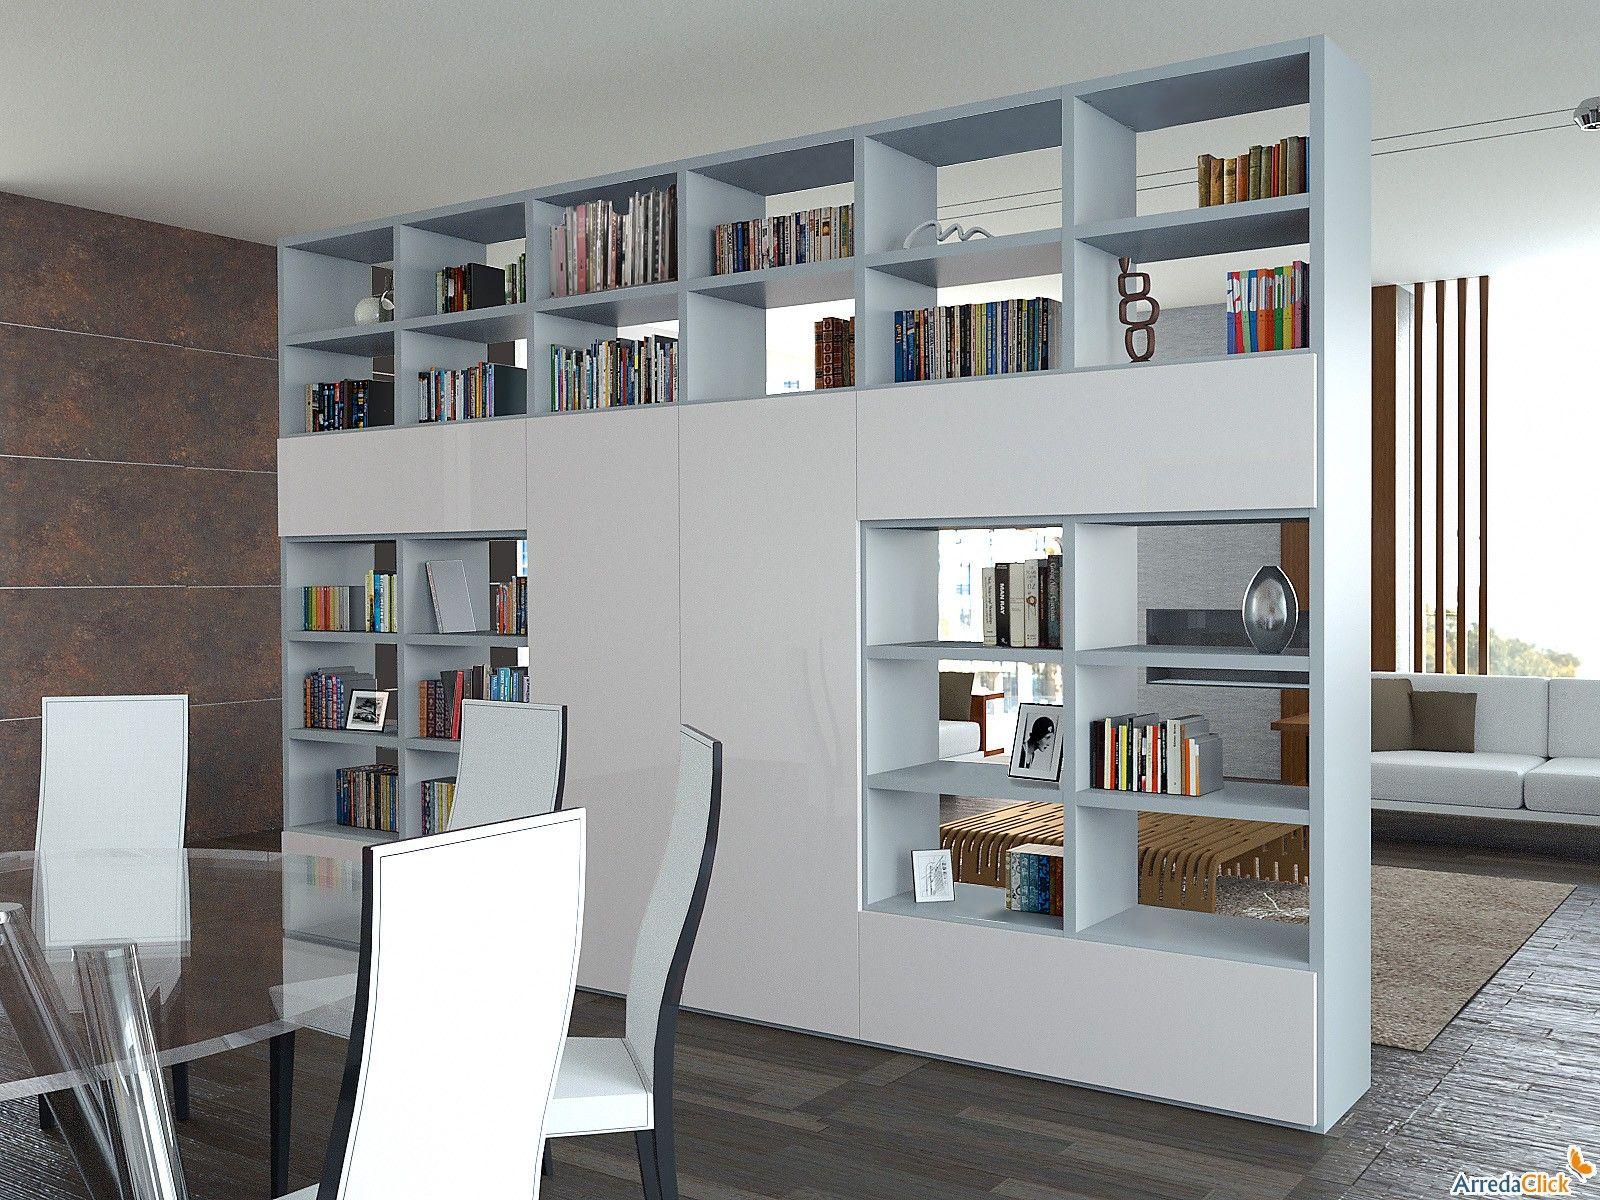 Objetos decorativos con dise o sofisticado buscar con for Objetos decorativos casa